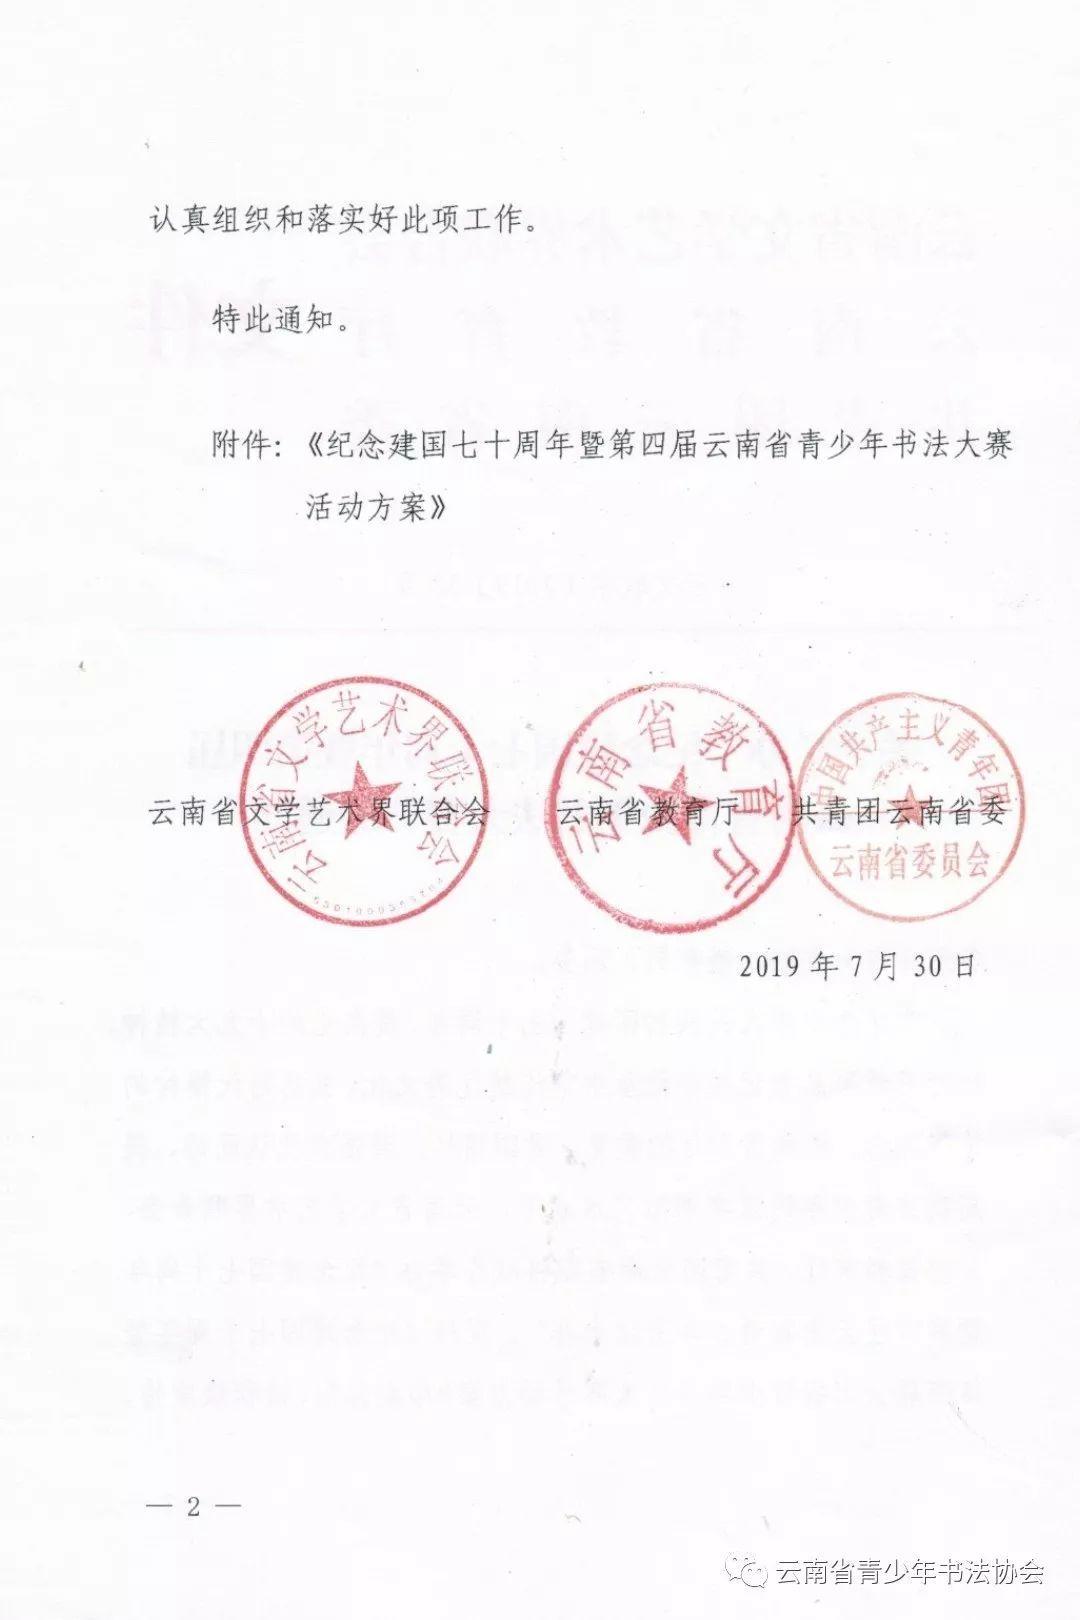 """关于举办""""纪念建国七十周年暨第四届云南省青少年书法大赛""""的通知"""